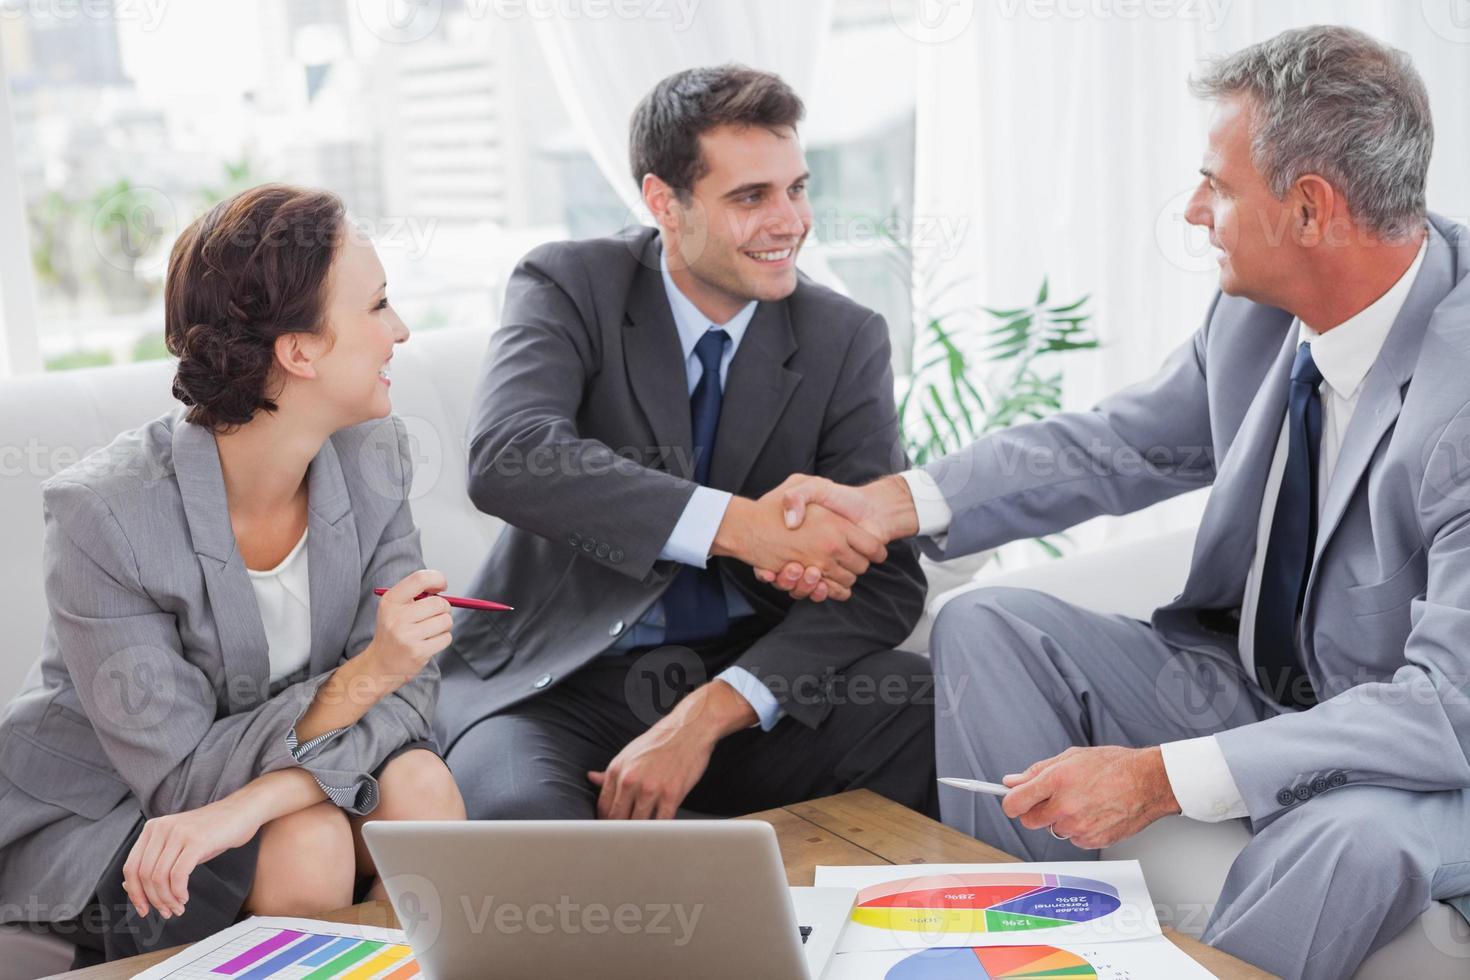 fröhliche Geschäftsleute, die sich auf einen Vertrag einigen foto